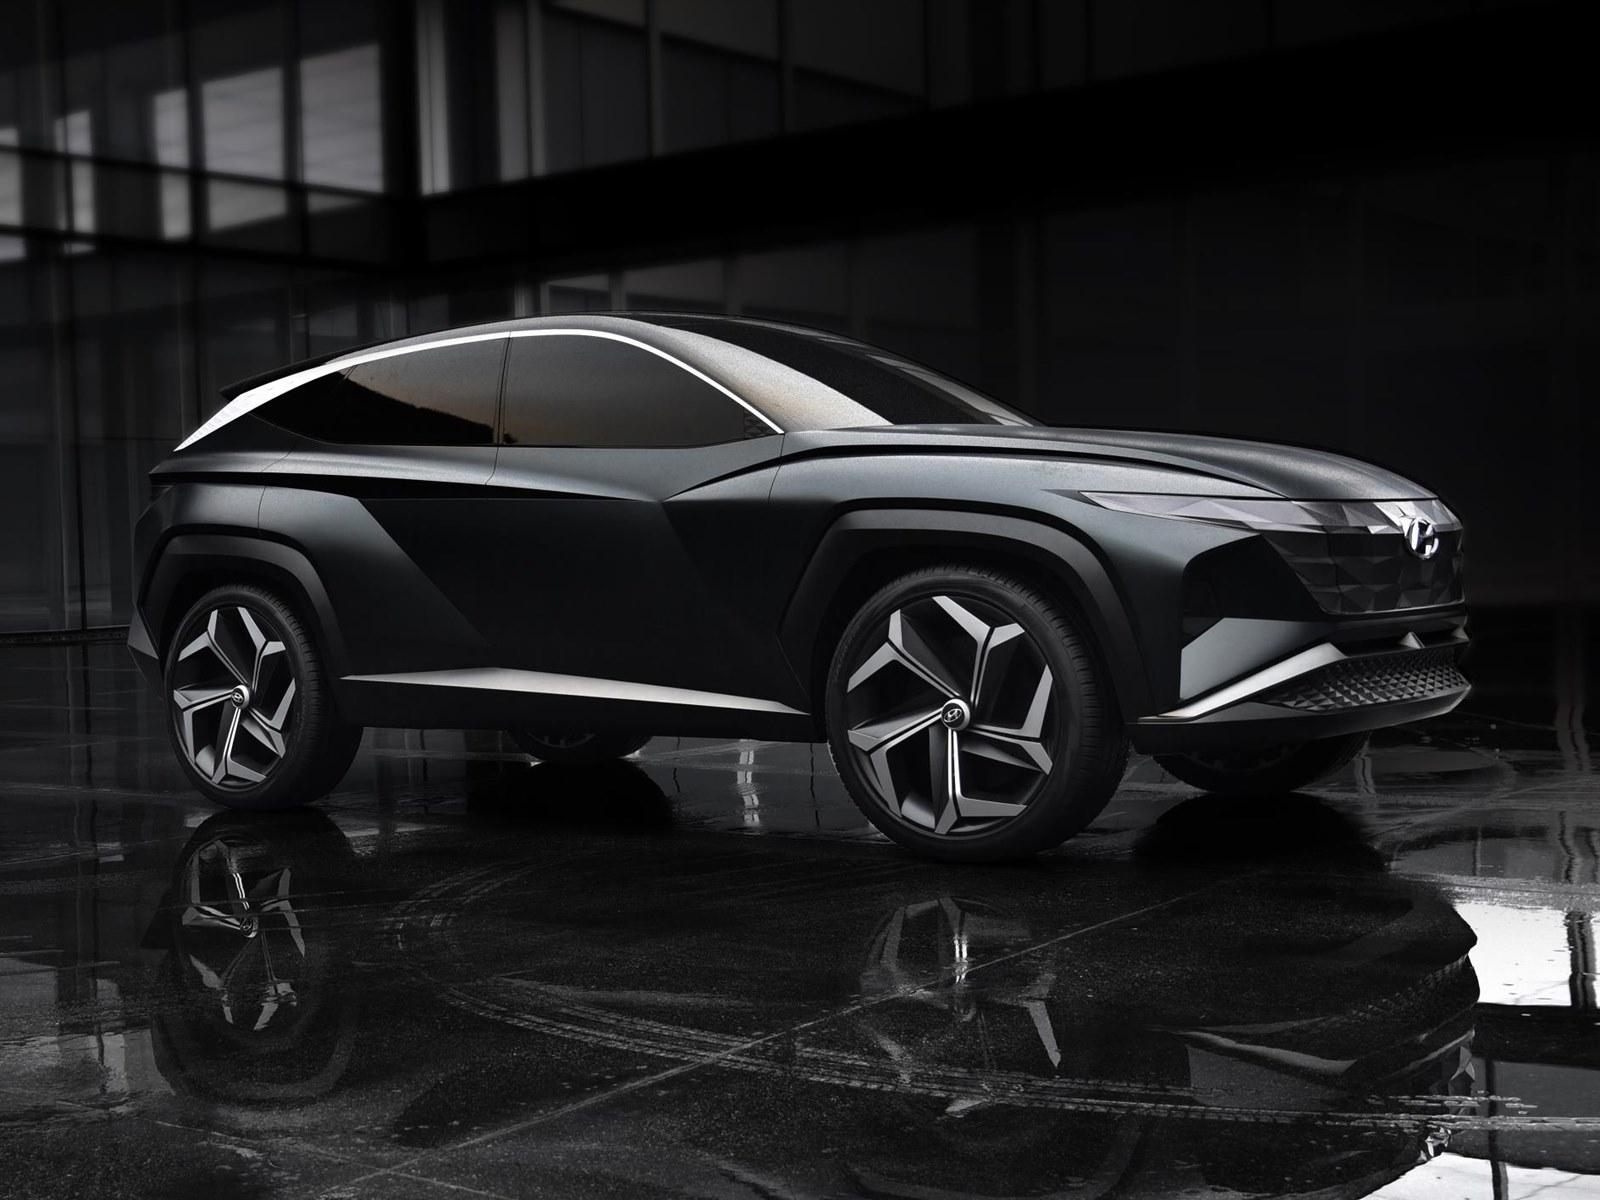 Hyundai Vision T Concept Car (2)